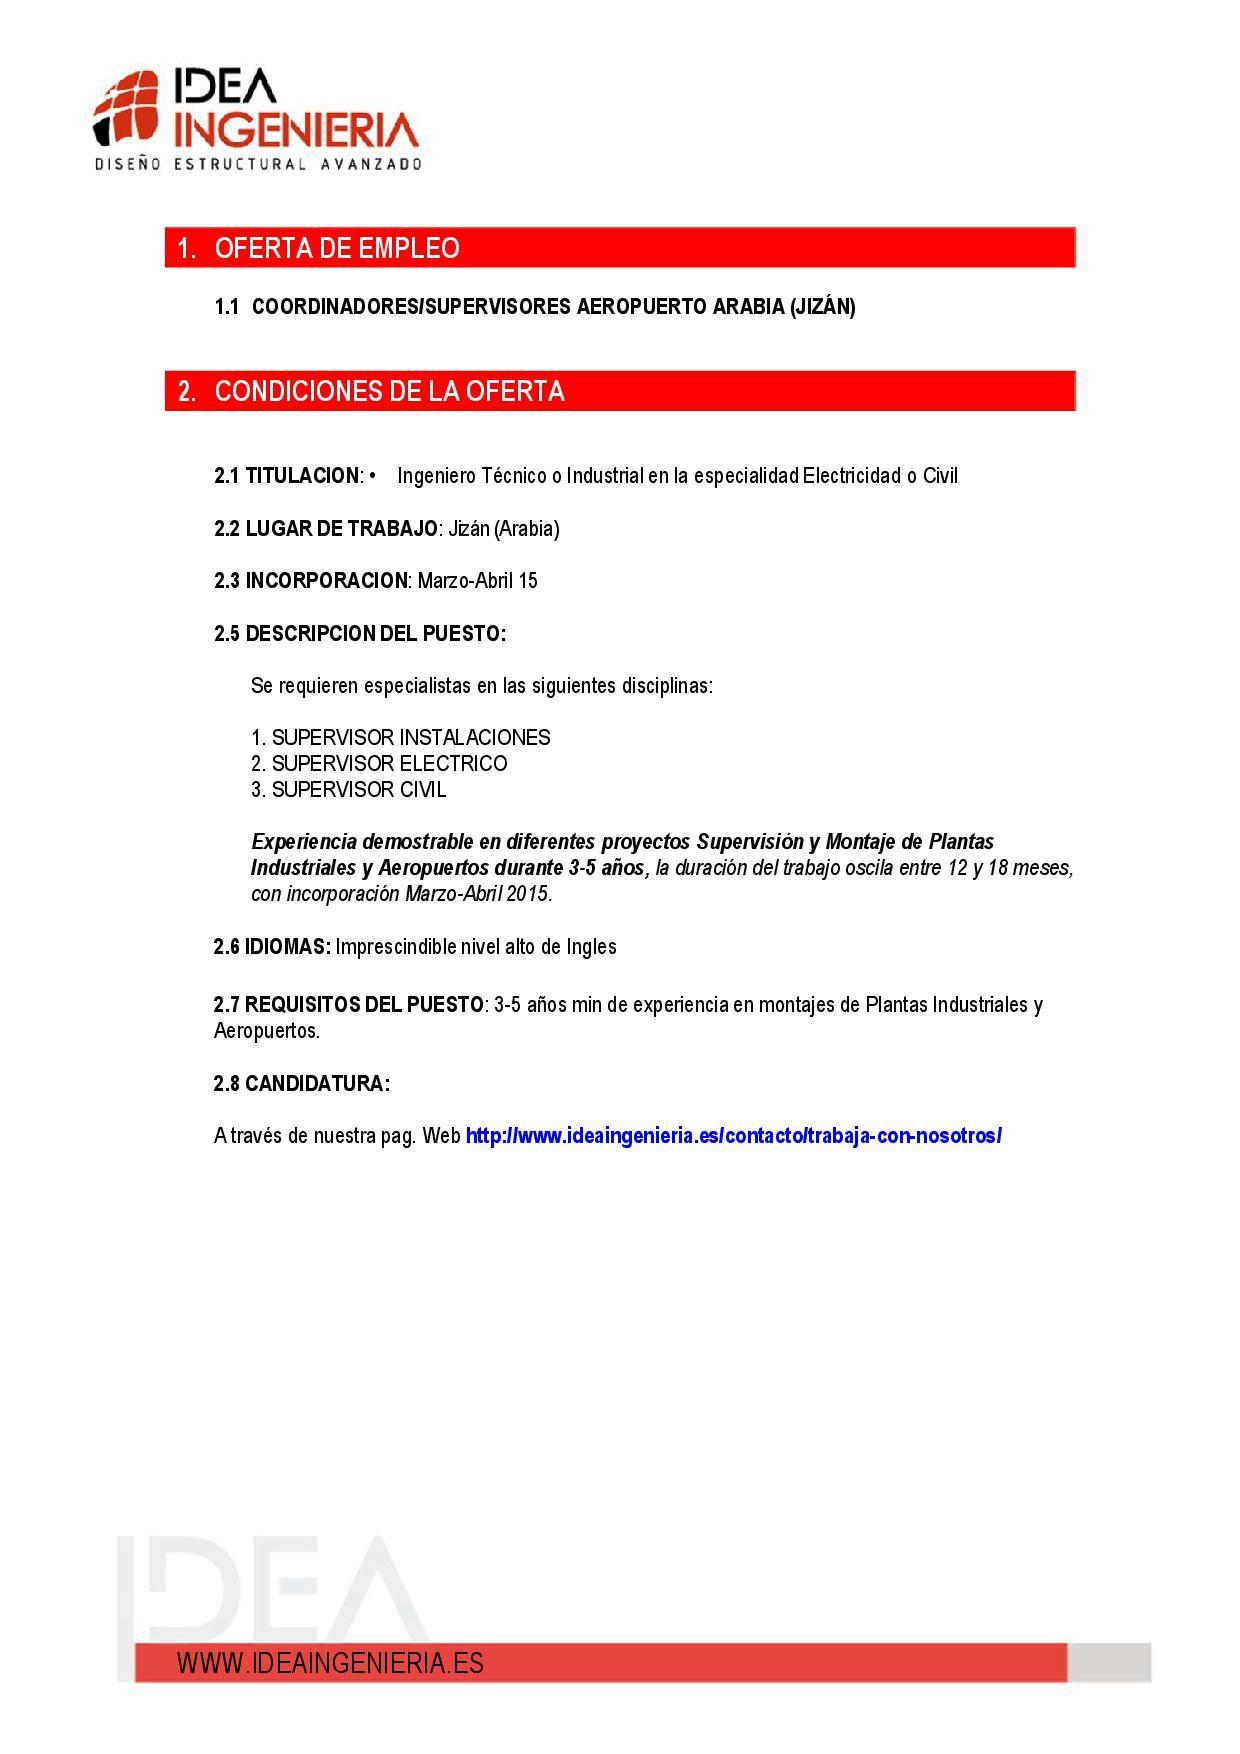 Nueva oportunidad laboral: Supervisión y Montaje de Plantas ...